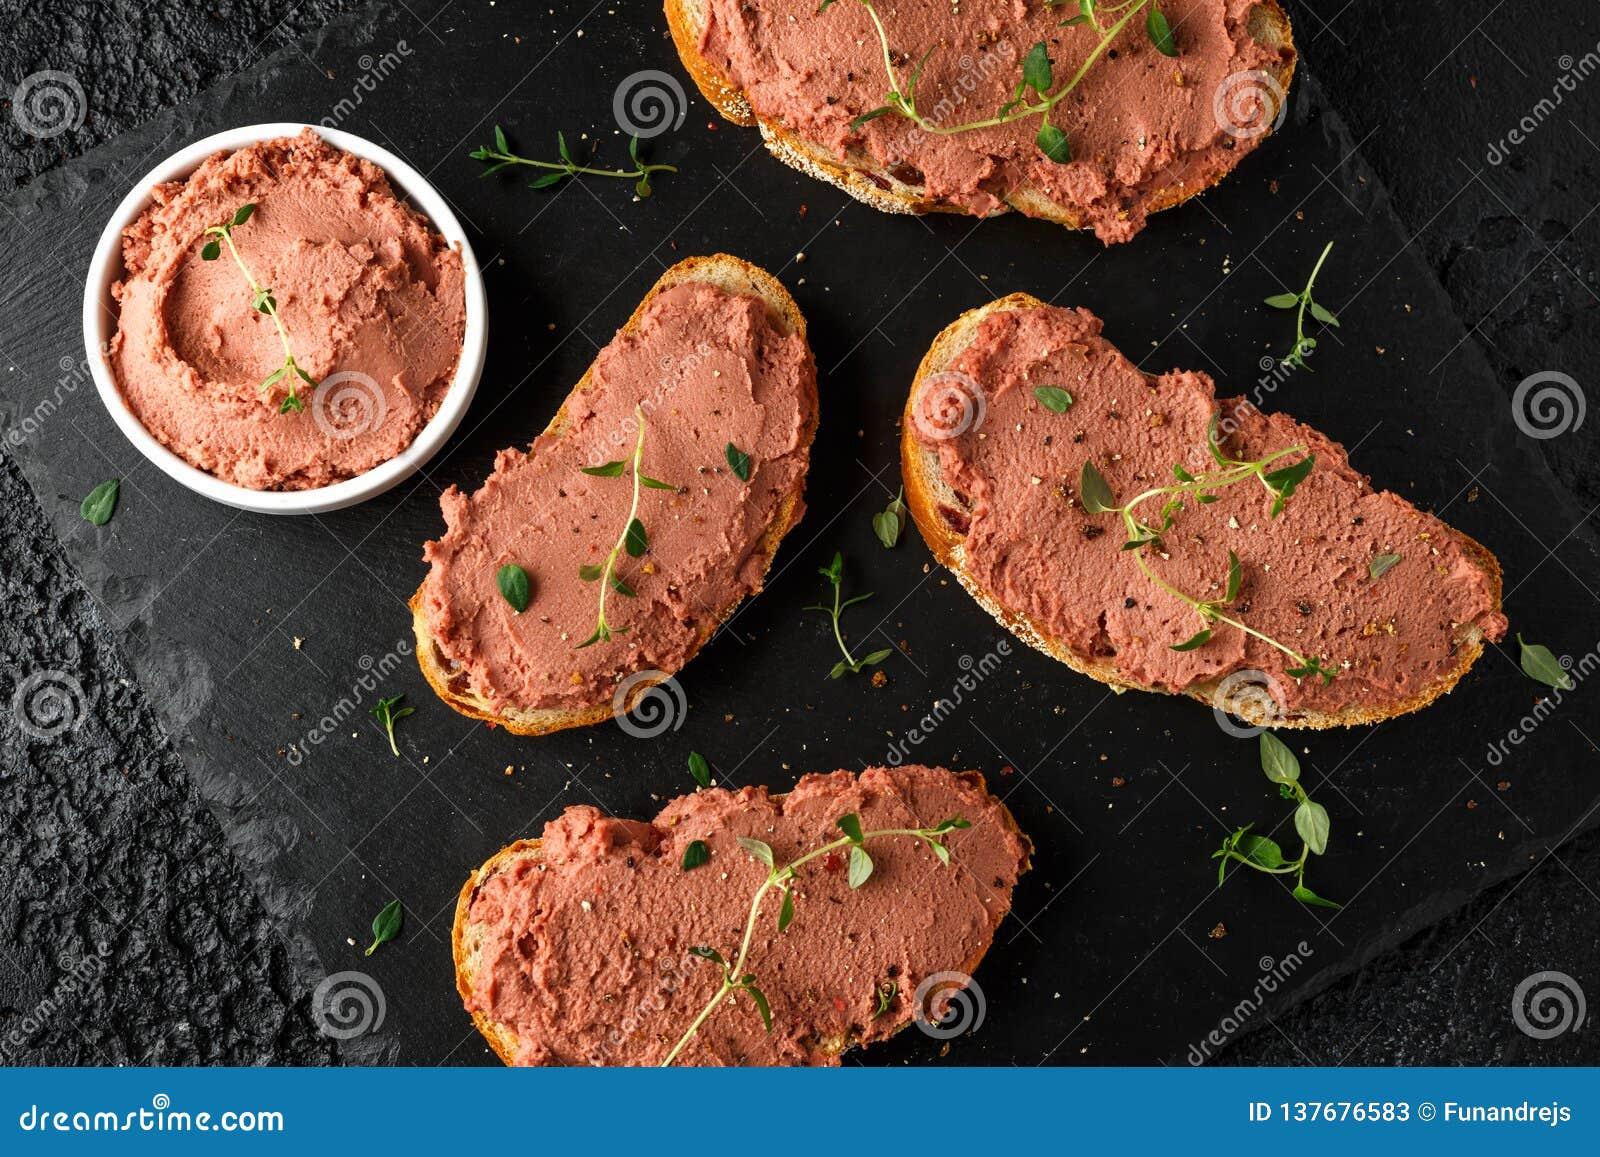 Frische selbst gemachte hühnerleberpastete auf Brot